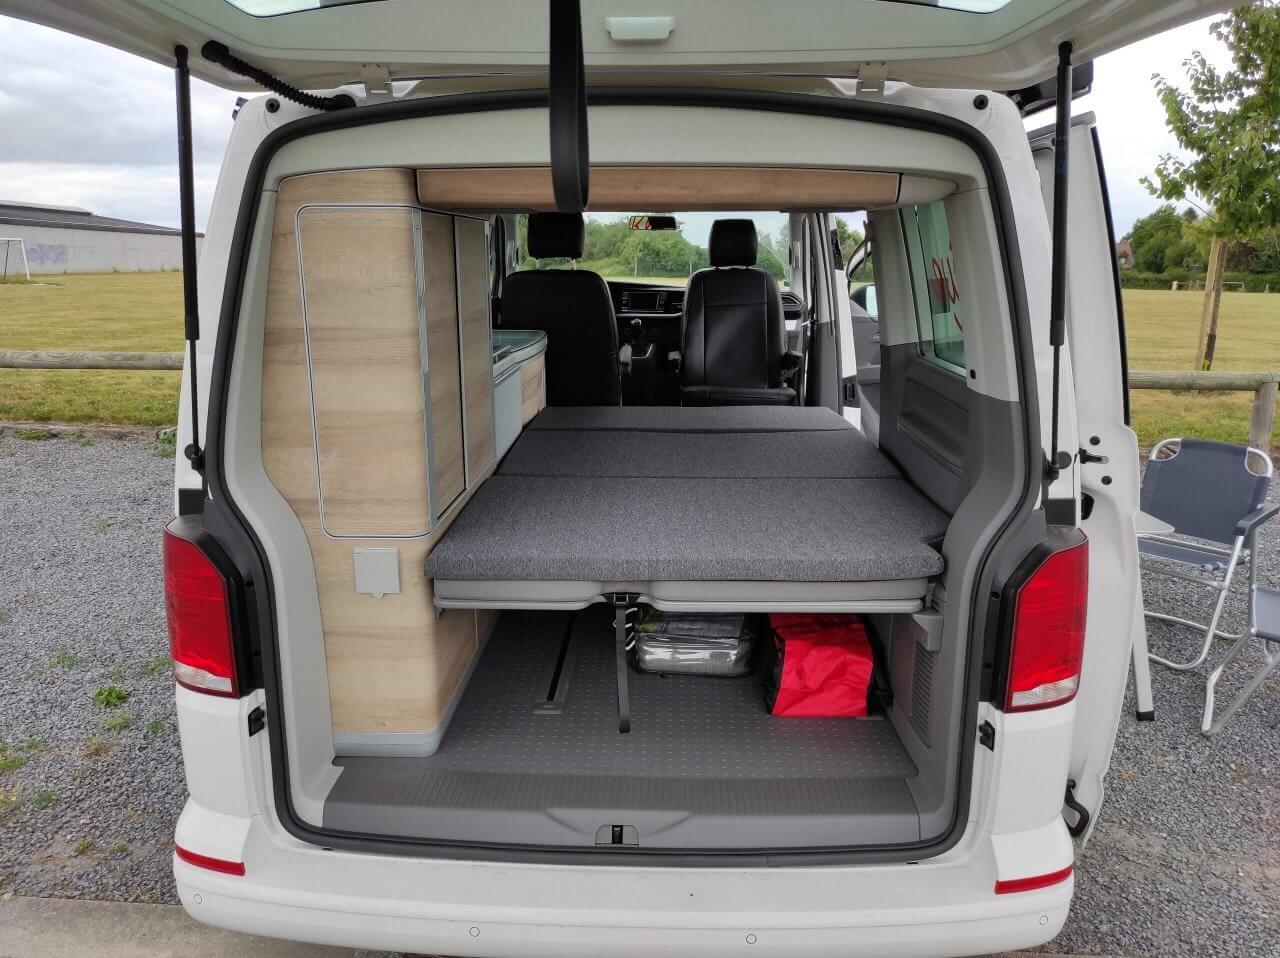 Location d'un van aménagé Lille Valenciennes Volkswagen California coffre ouvert vue de l'arrière